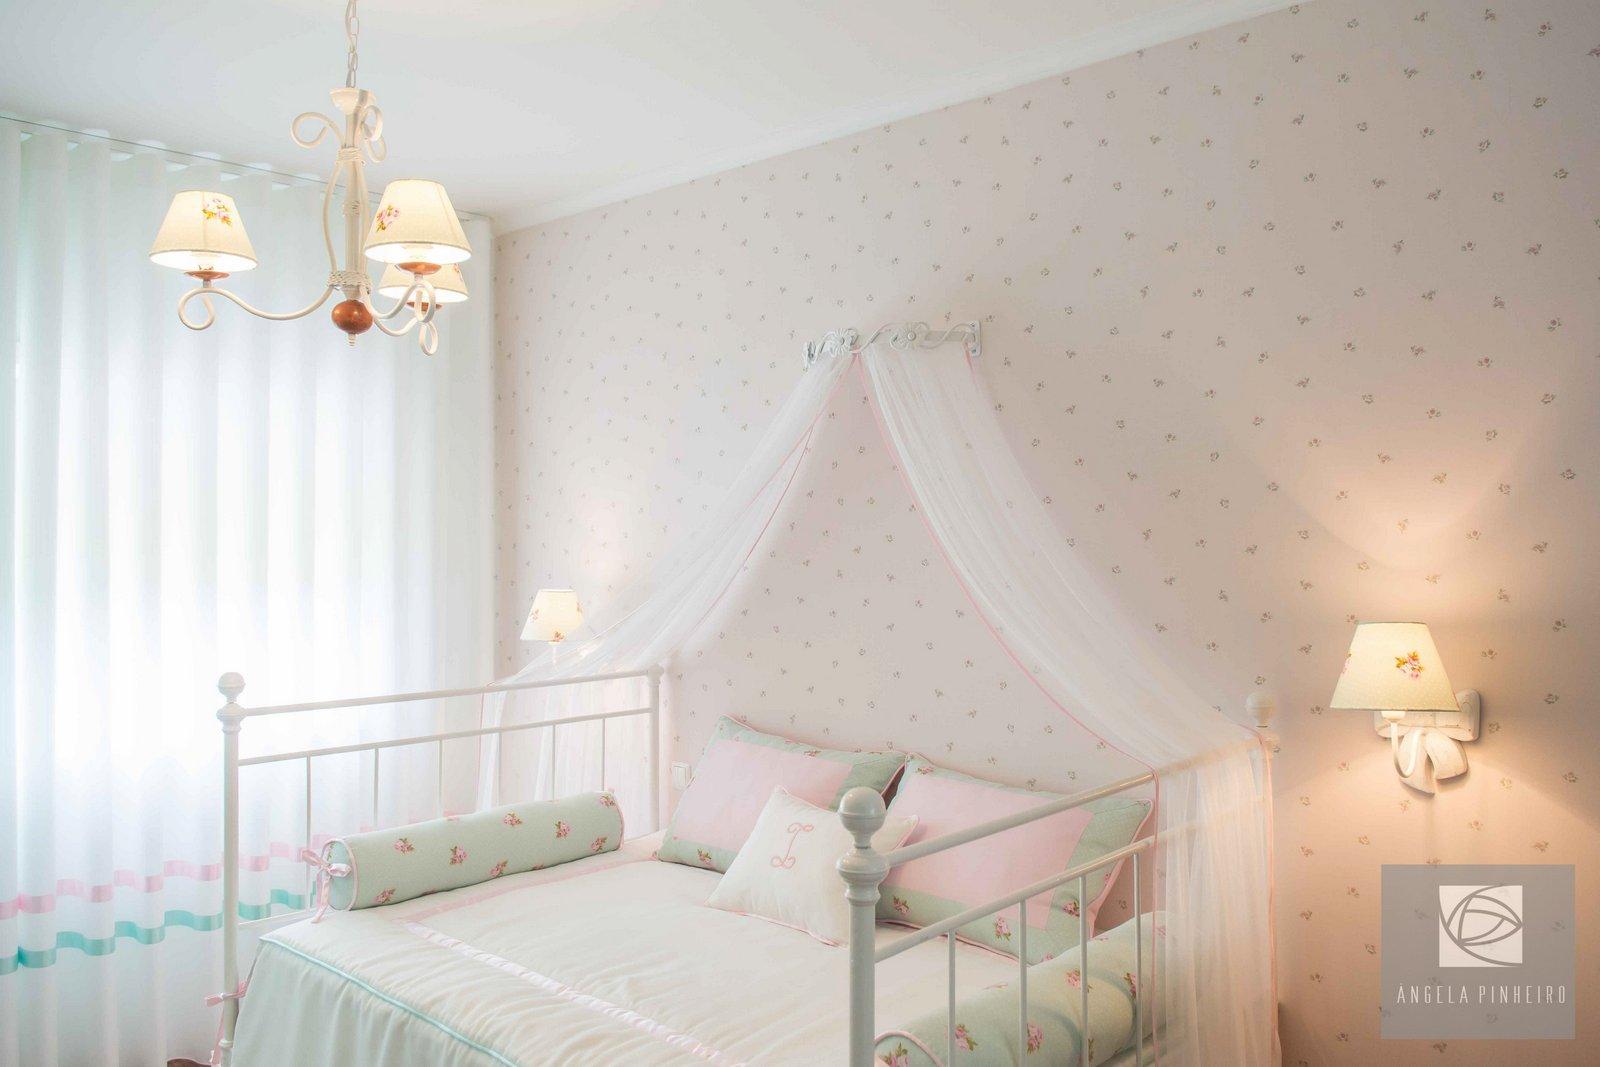 angelapinheiro-homedesign-decoracao-de-interiores-portefolio-quarto-das-rosas-13